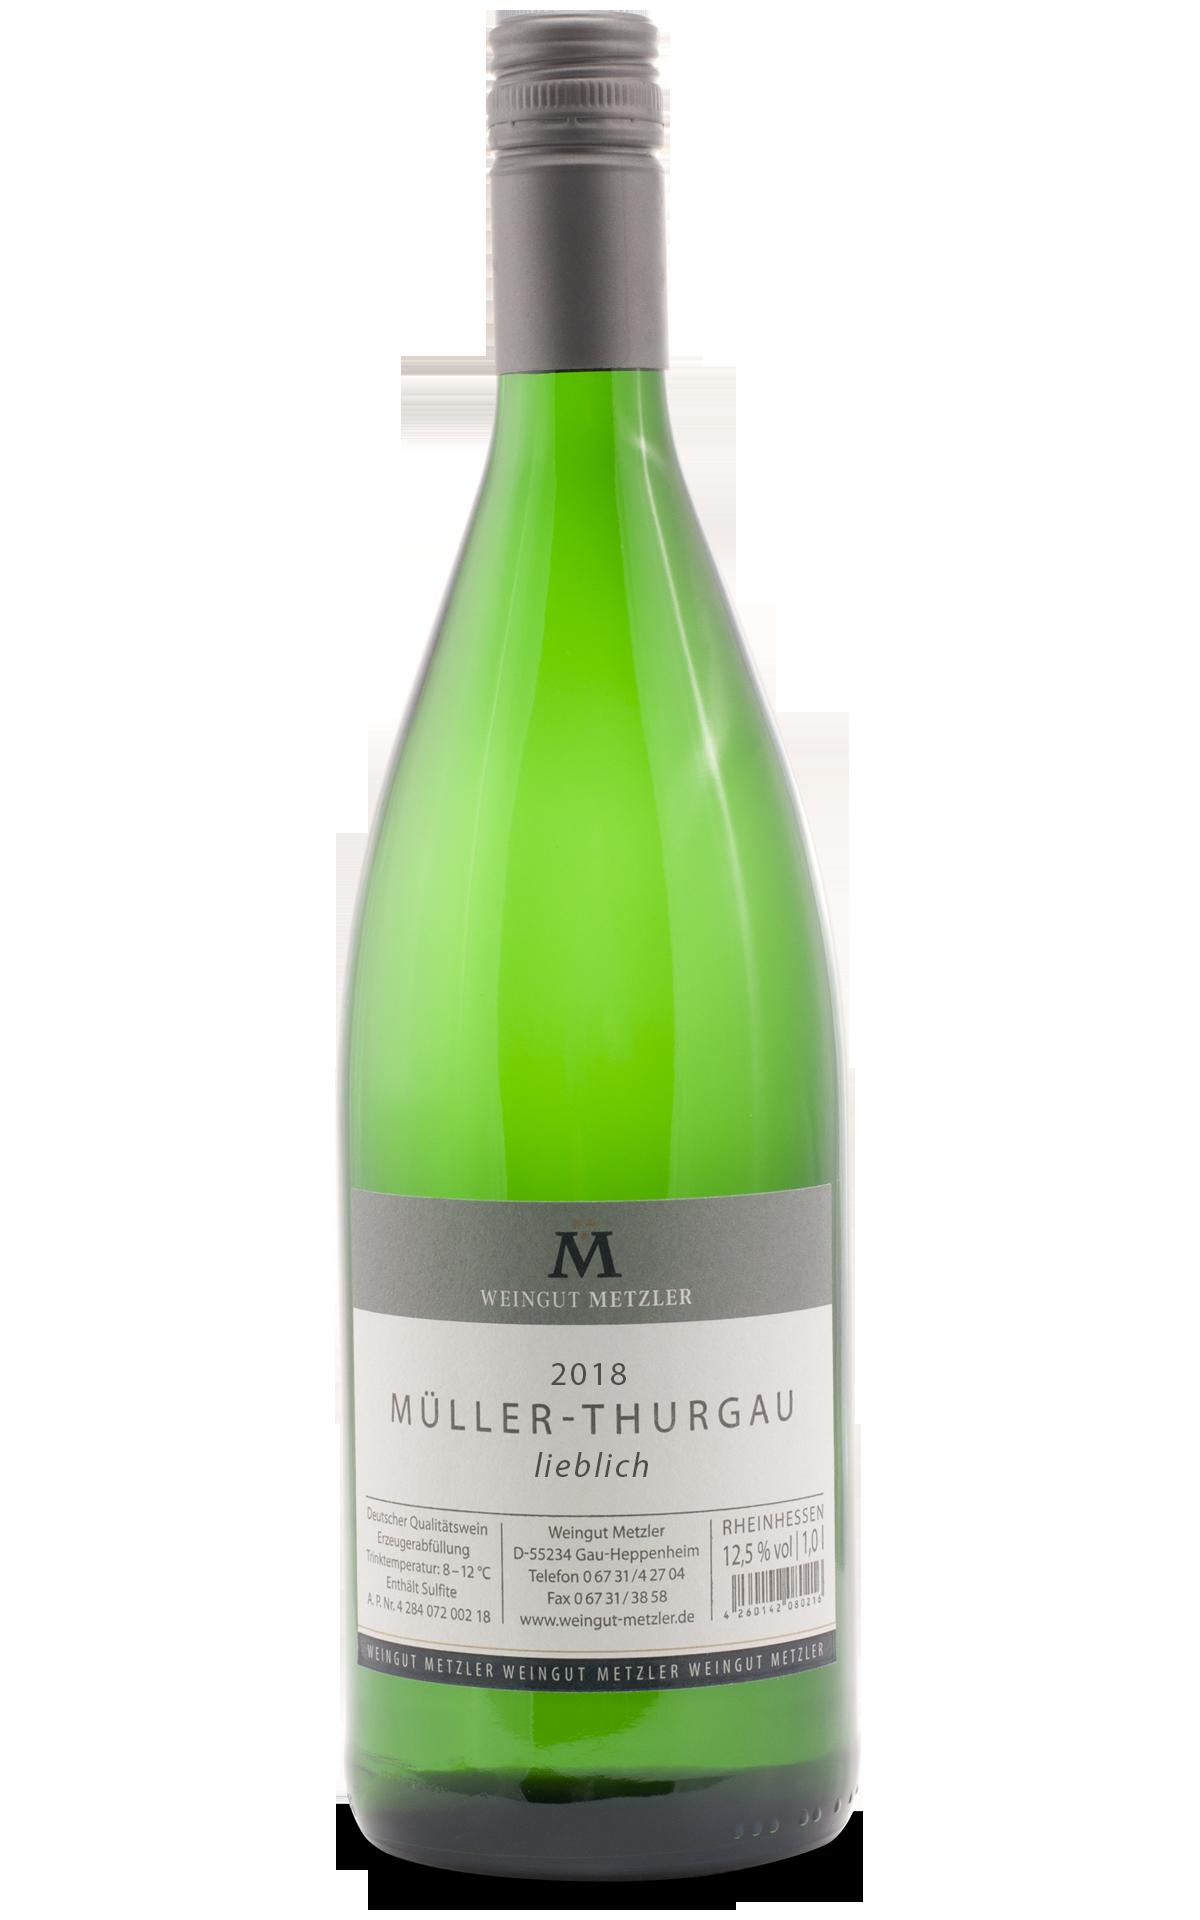 Müller-Thurgau lieblich